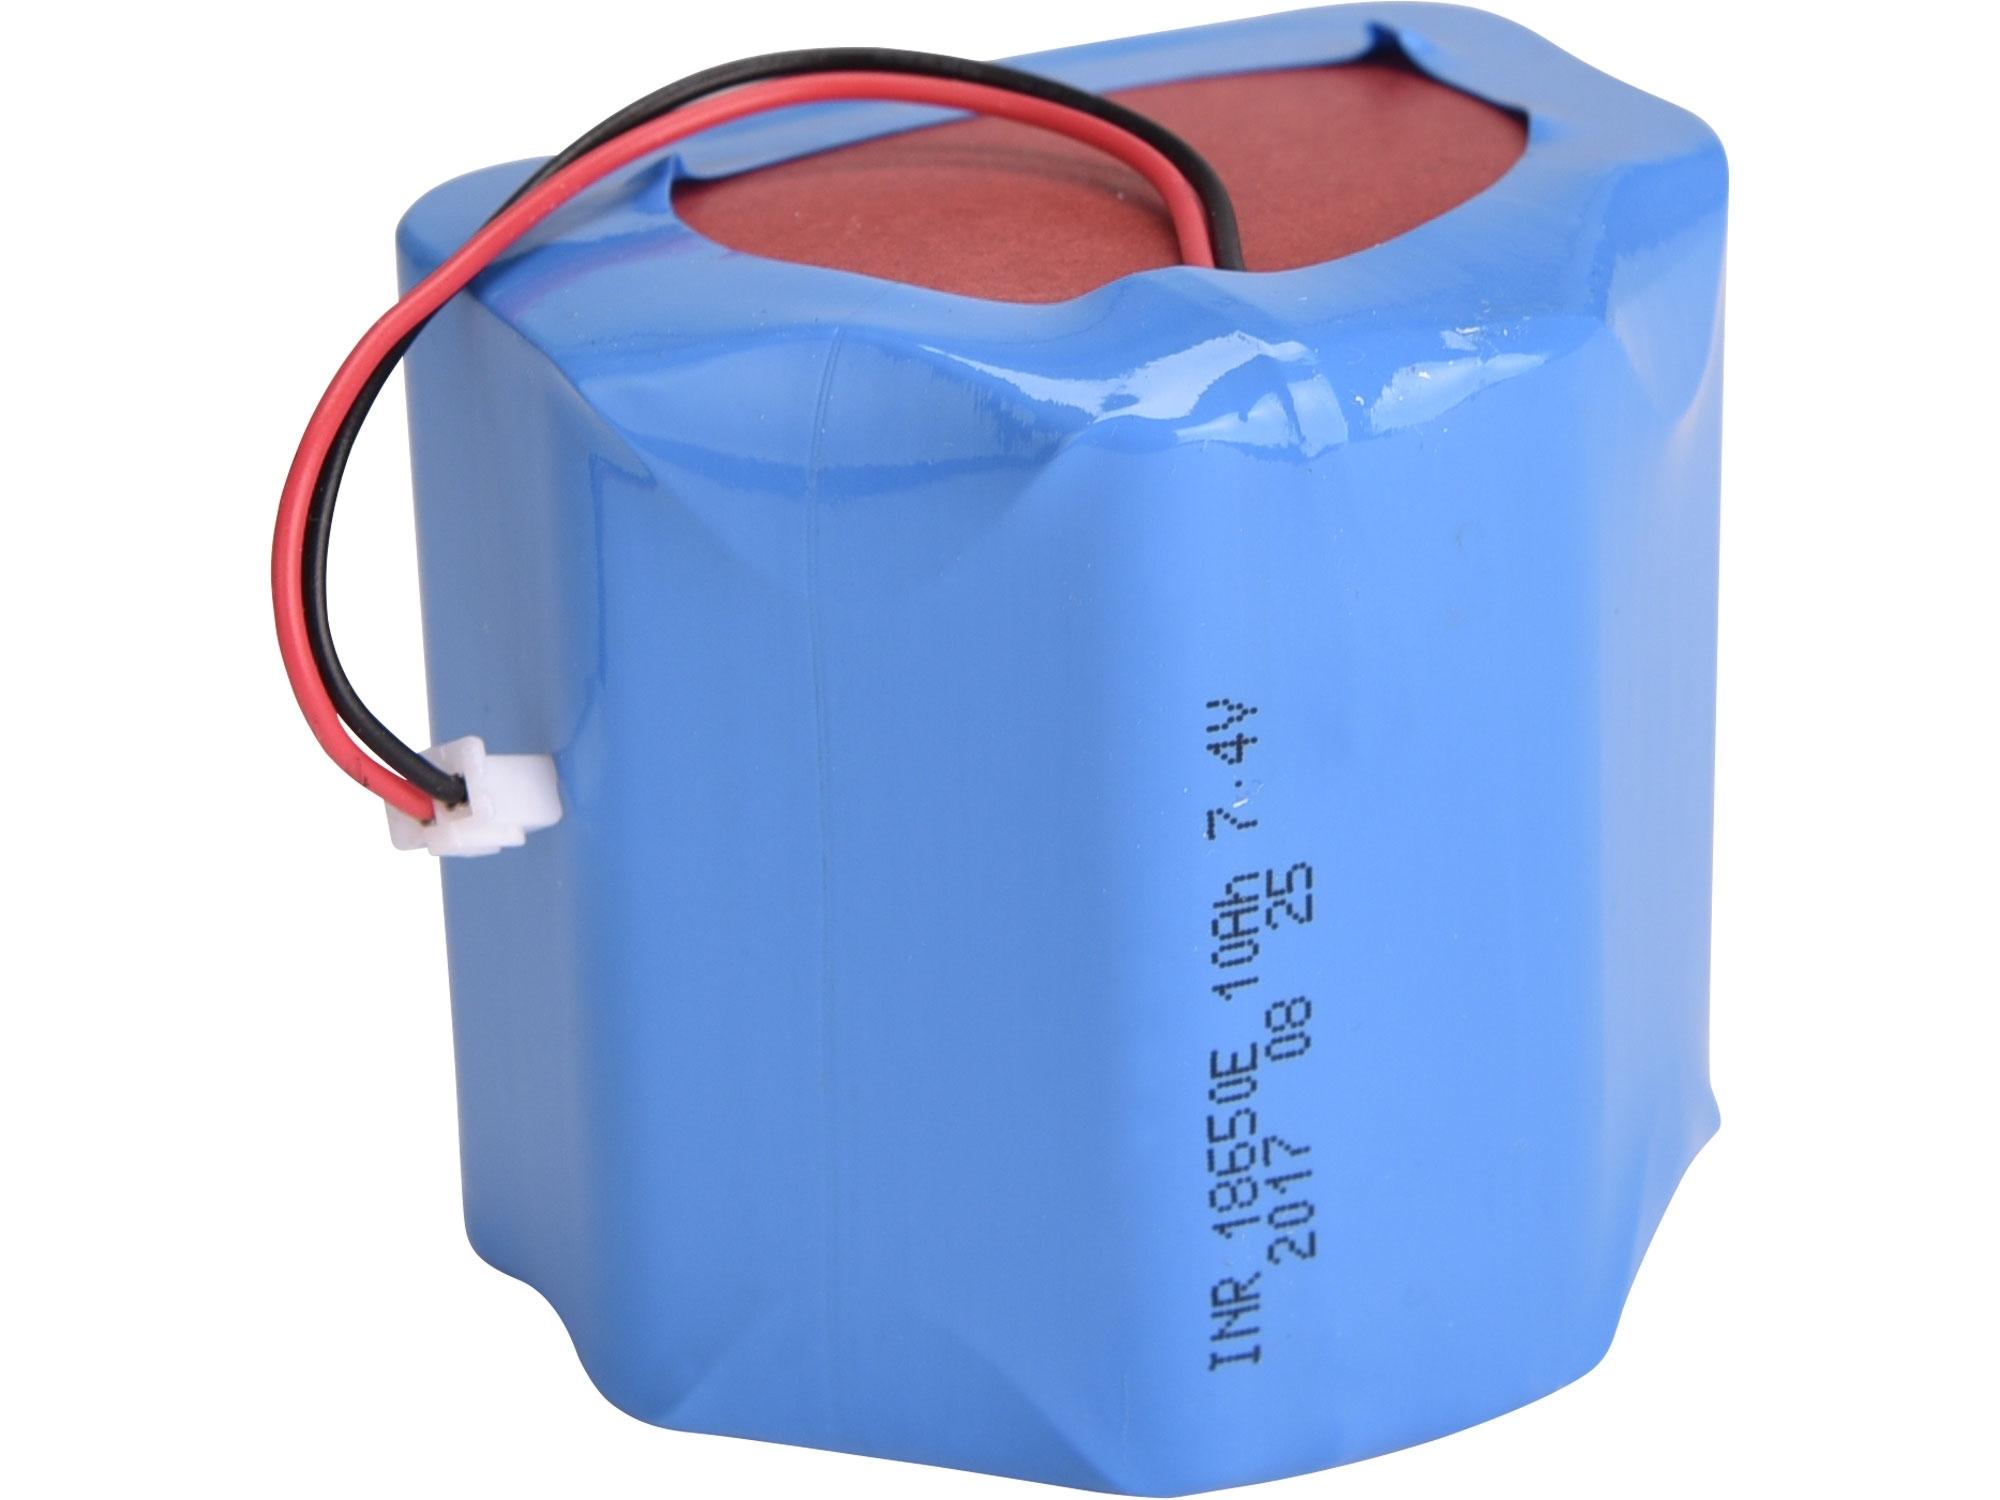 baterie náhradní 7,4V, Li-ion, 9600mAh, EXTOL LIGHT 43128B